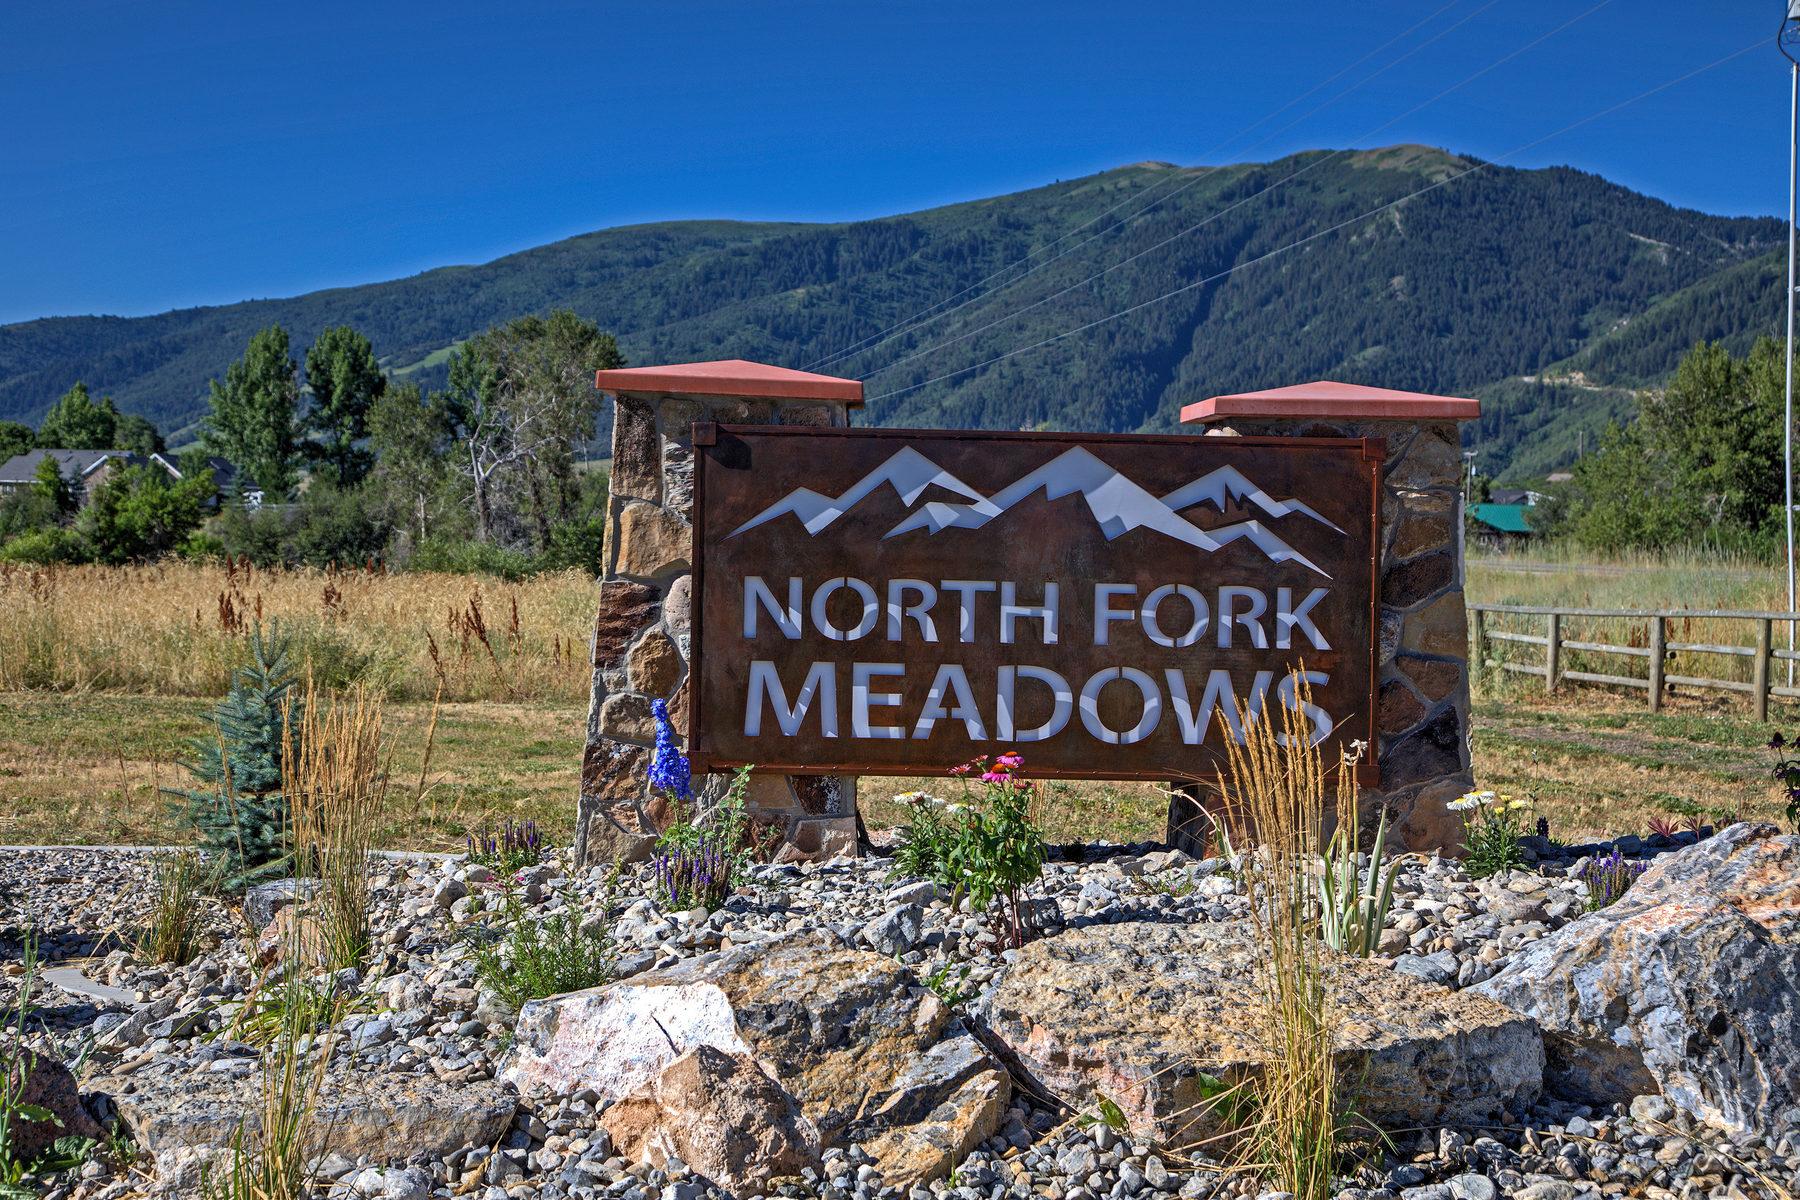 Terreno por un Venta en Build Your Dream Home in Eden Utah 3194 East 5225 North Lot 2 Eden, Utah, 84310 Estados Unidos